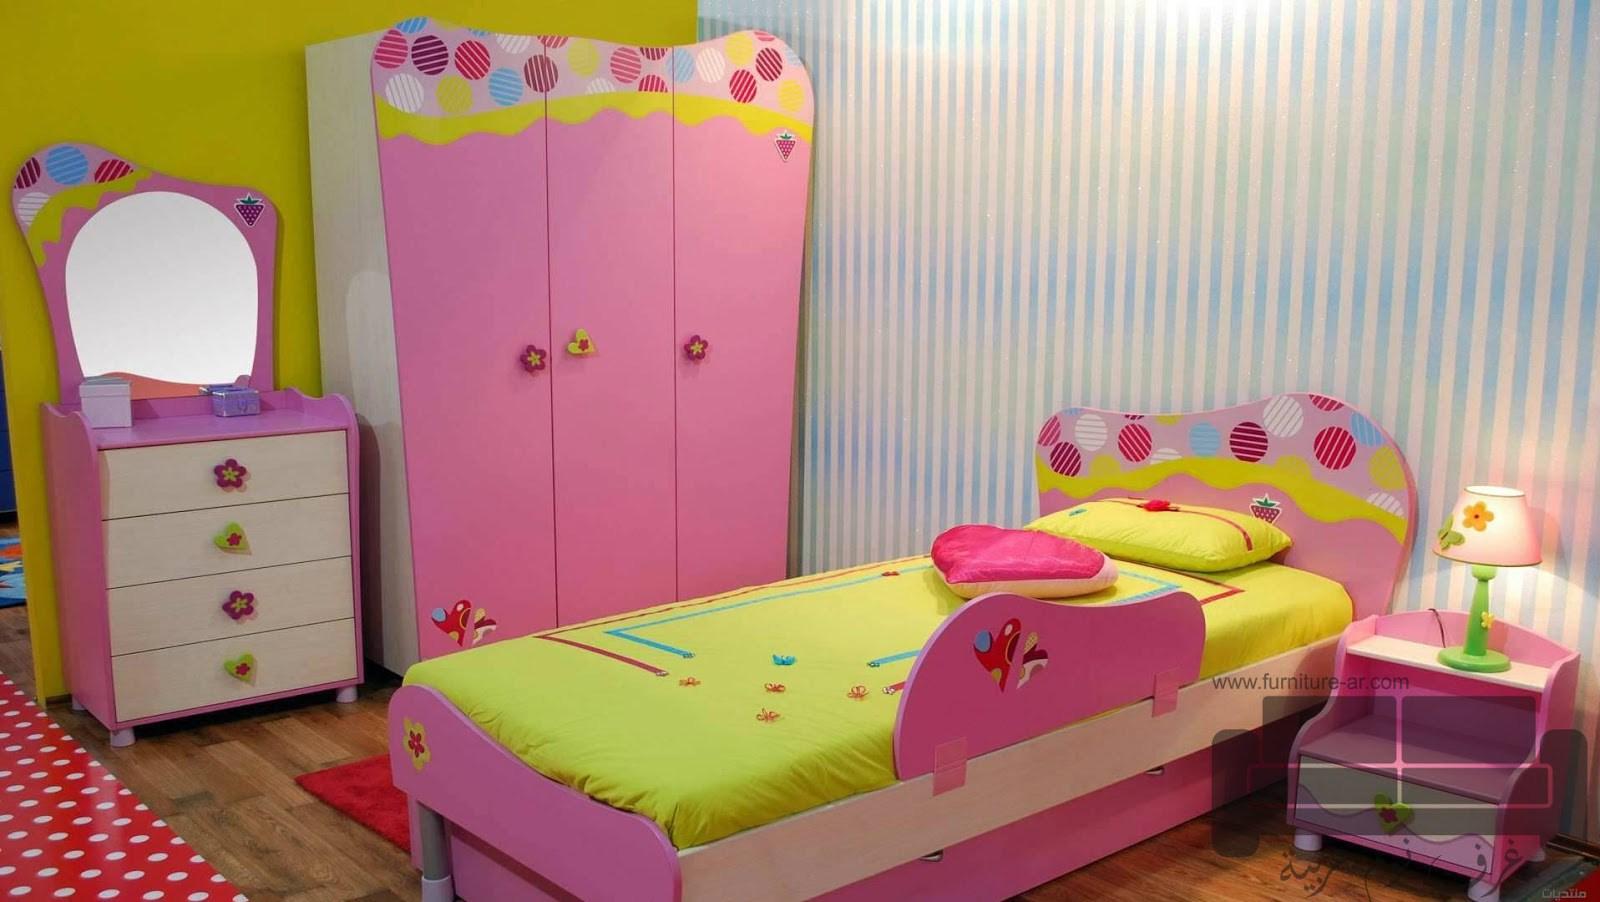 صور احدث غرف نوم اطفال , صور احدث غرف النوم للاطفال